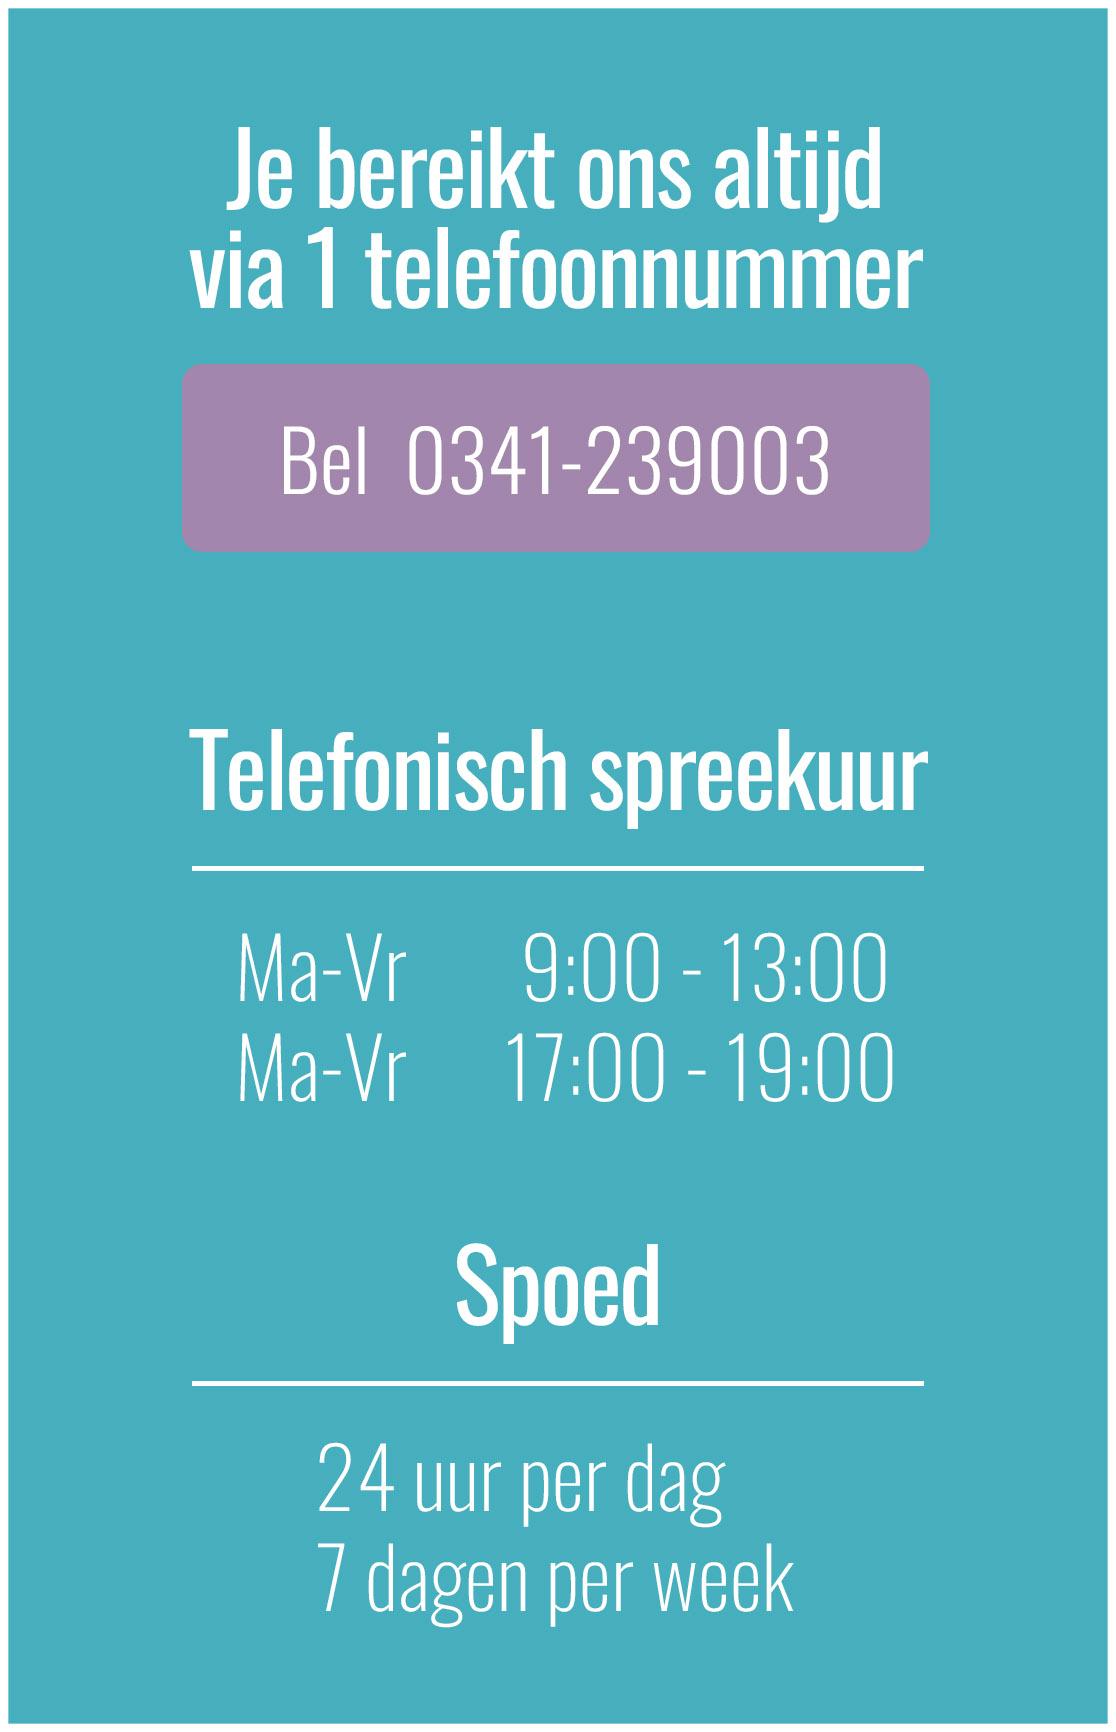 Telefoonnummer verloskundige Harderwijk